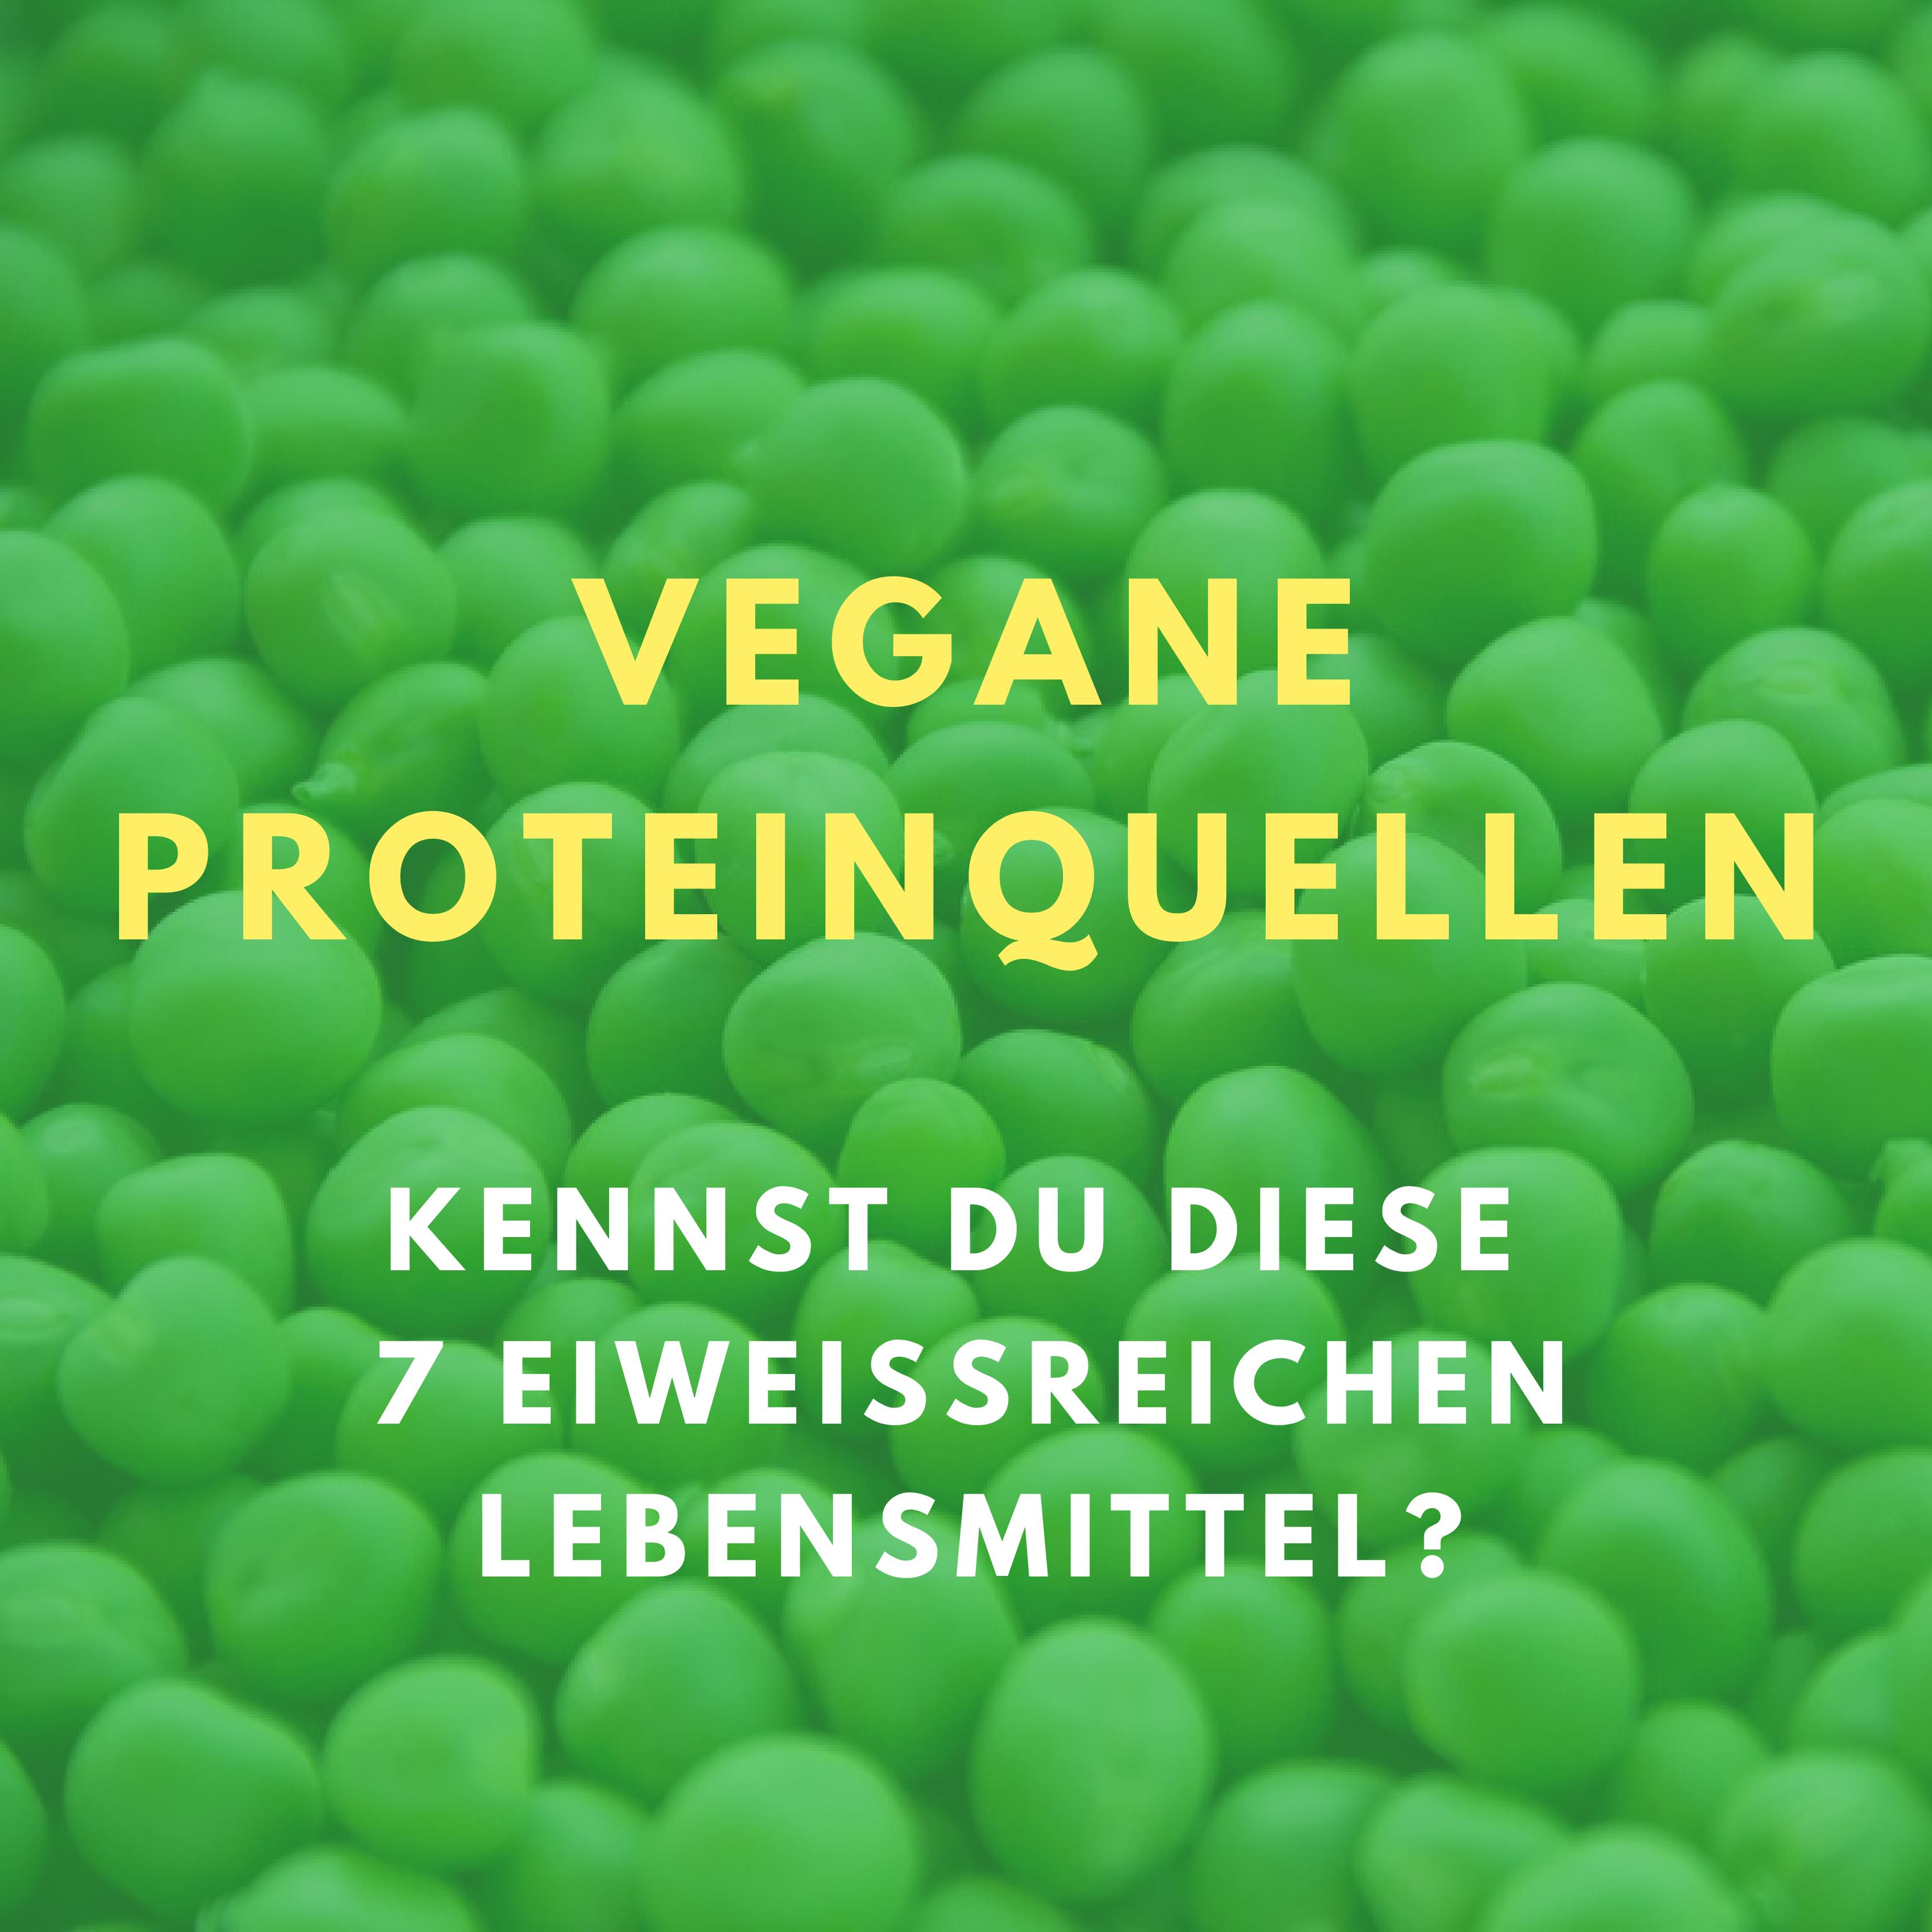 Vegane Proteinquellen-Eiweißreich-veganes Eiweiß-OWAO!-Ernährung für Vielbeschäftigte